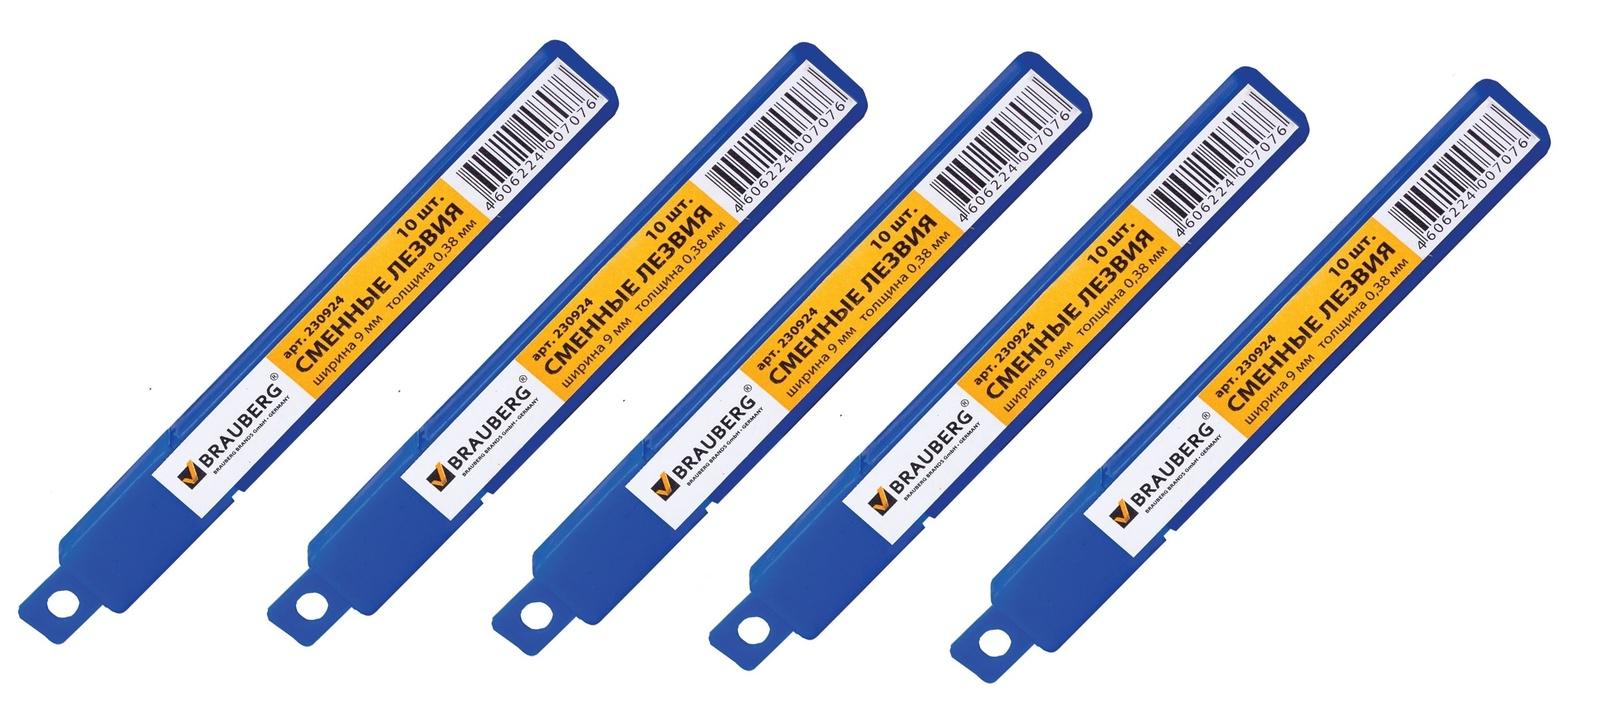 Лезвия канцелярские BRAUBERG 9 мм, комплект 5 упаковок по 10 шт = 50 лезвий недорого